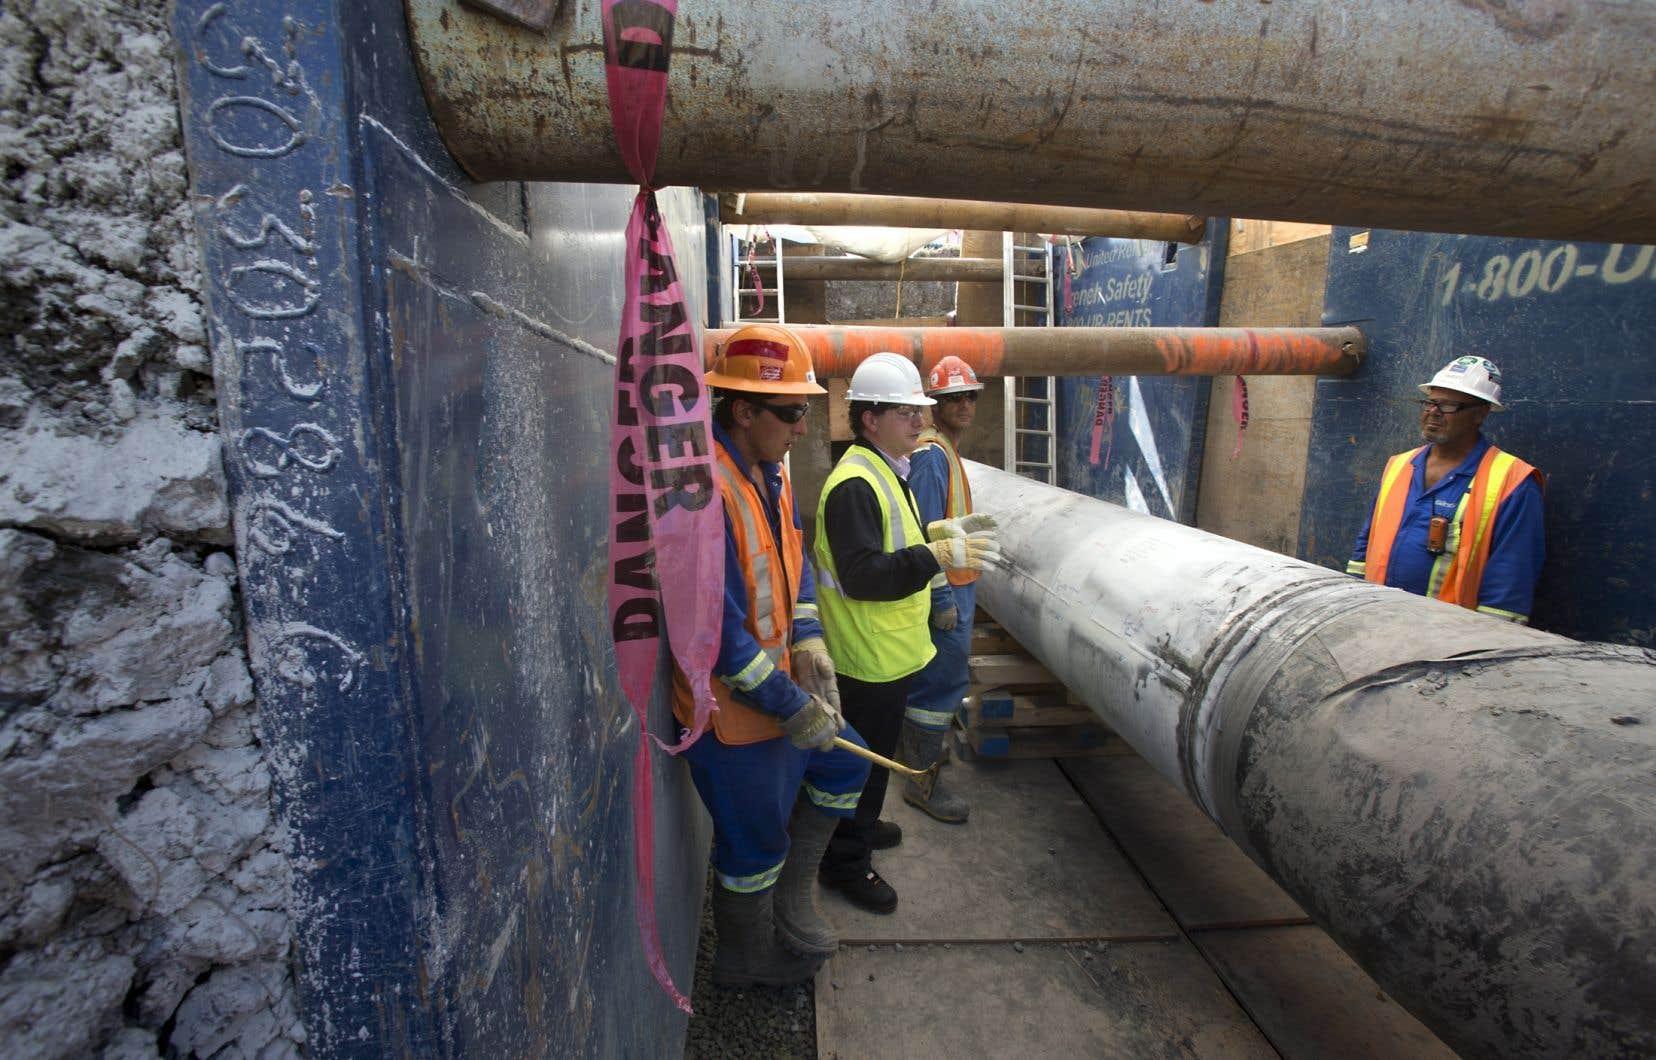 La FCCQ a déjà demandé au gouvernement «d'appuyer l'inversion du pipeline de la ligne 9» d'Enbridge, un projet controversé d'acheminement du pétrole des sables bitumineux vers les raffineries de l'est du pays.